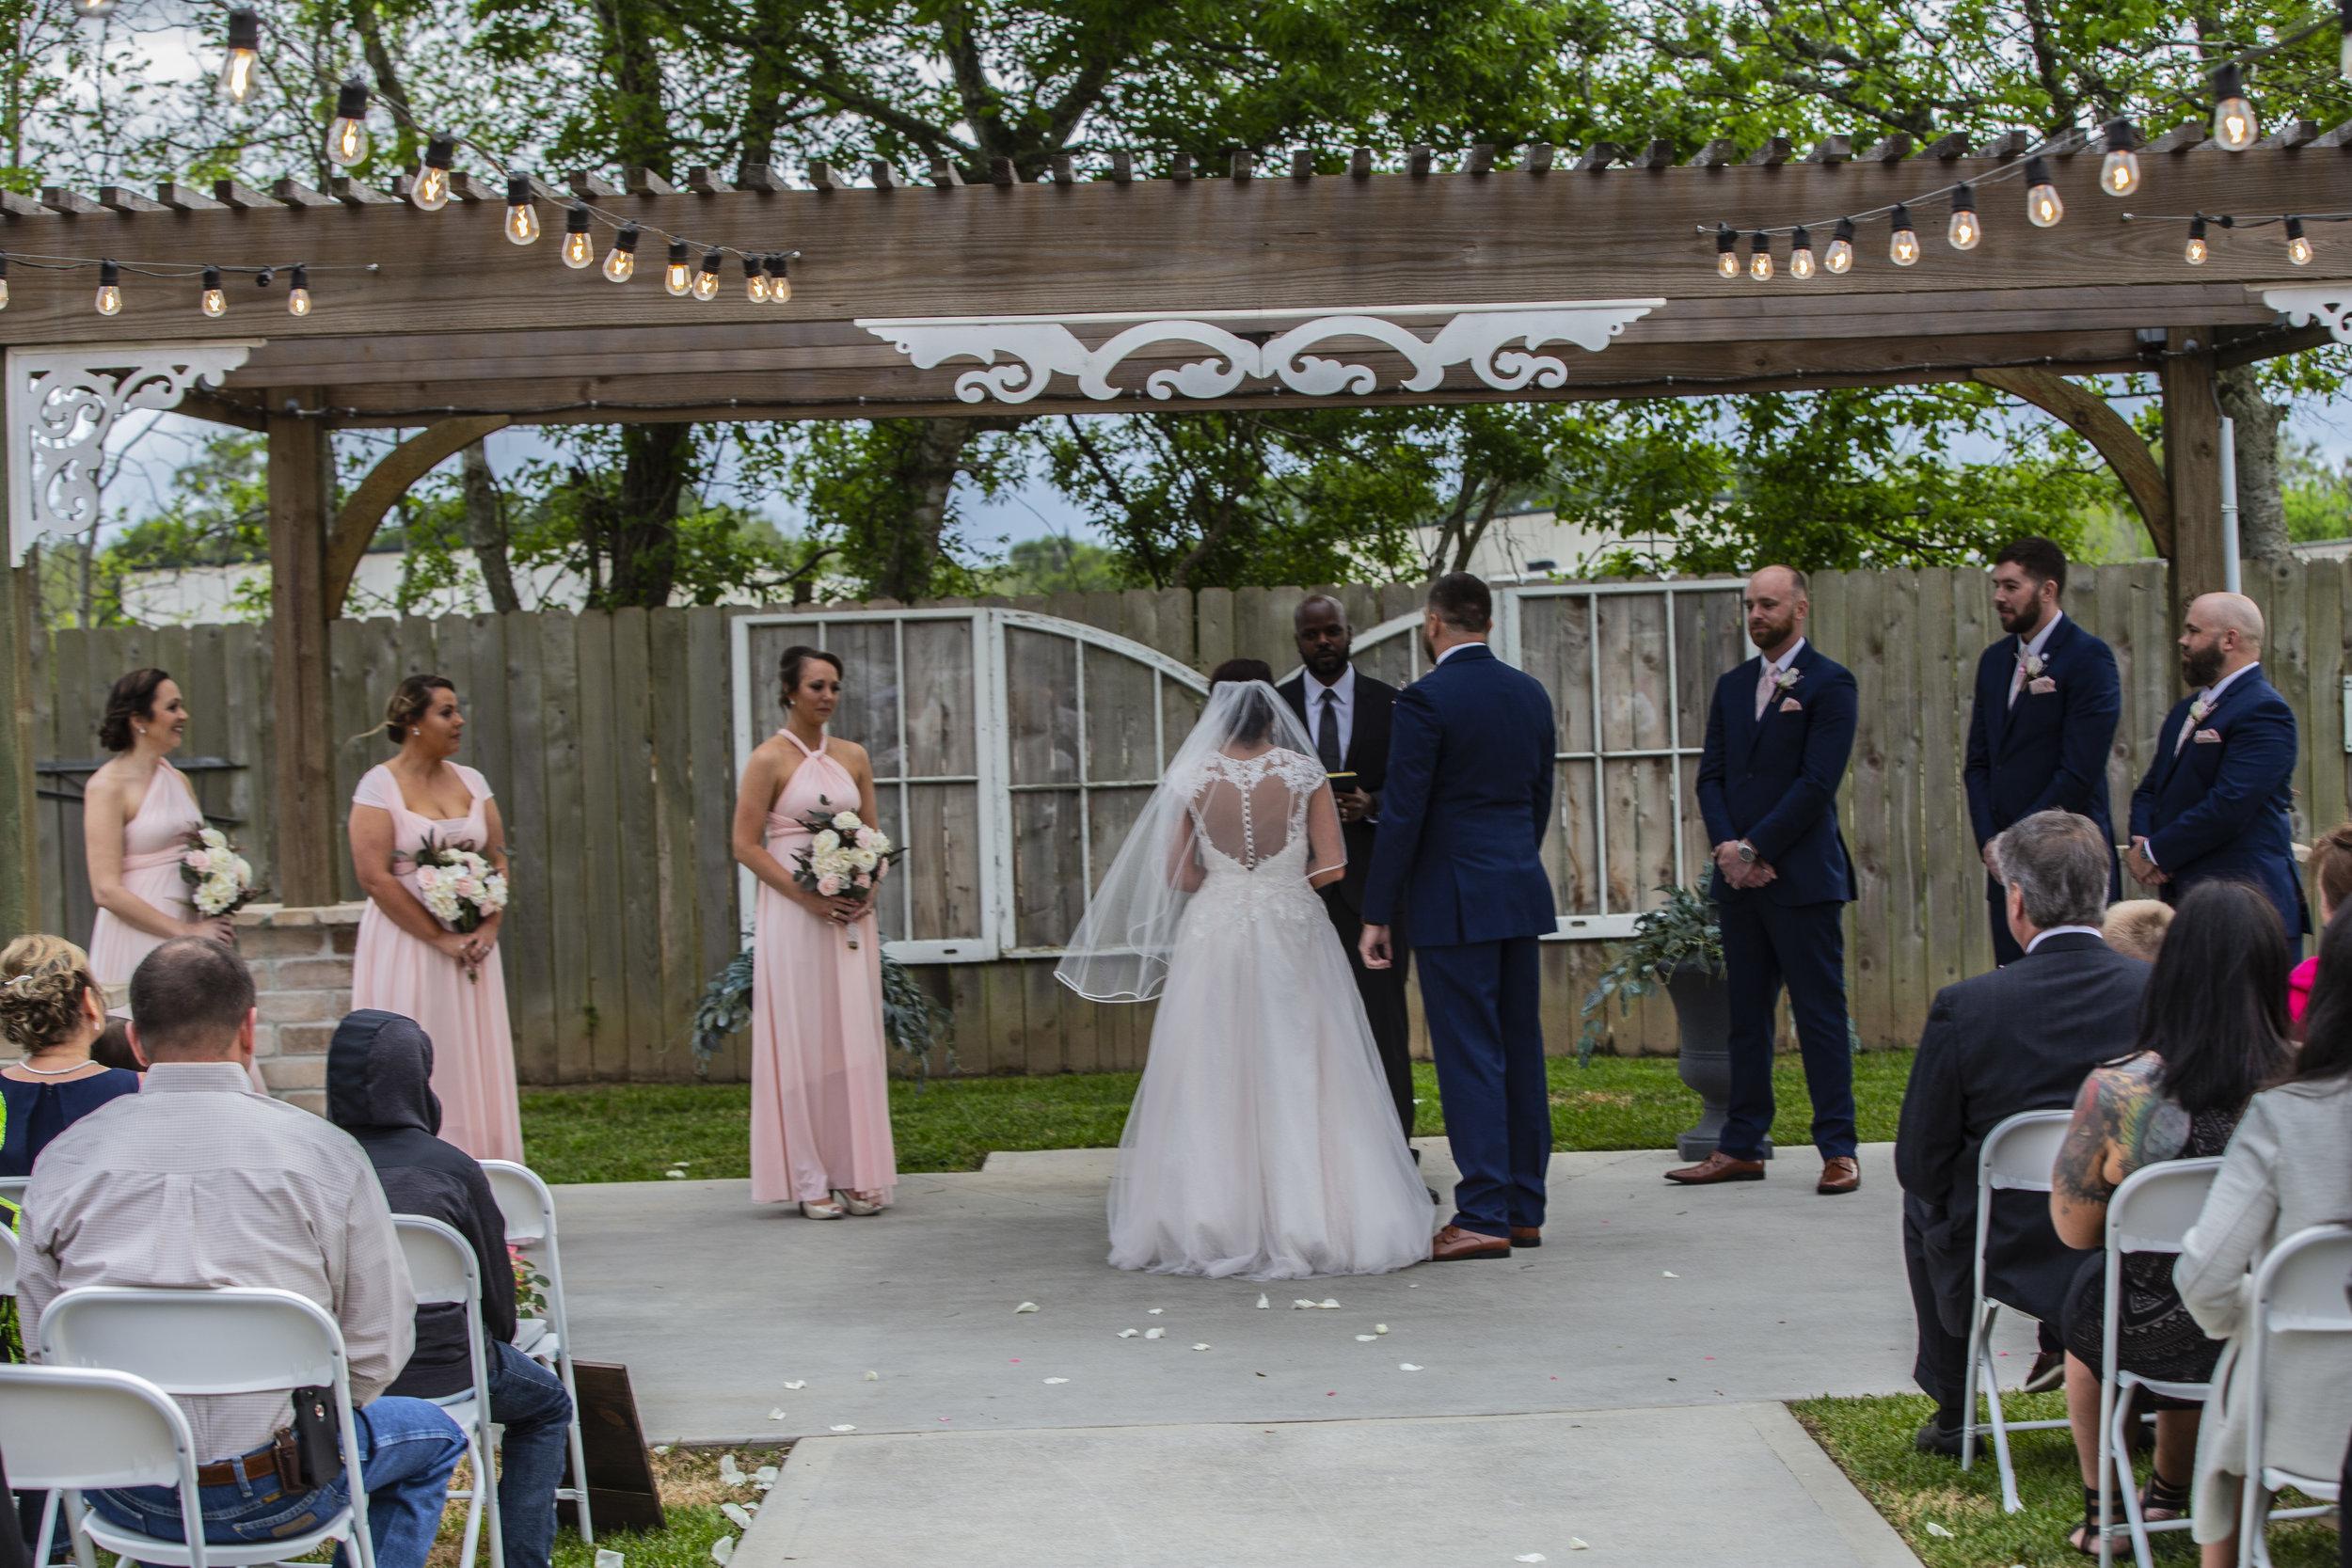 outdoor wedding ceremony location pearland